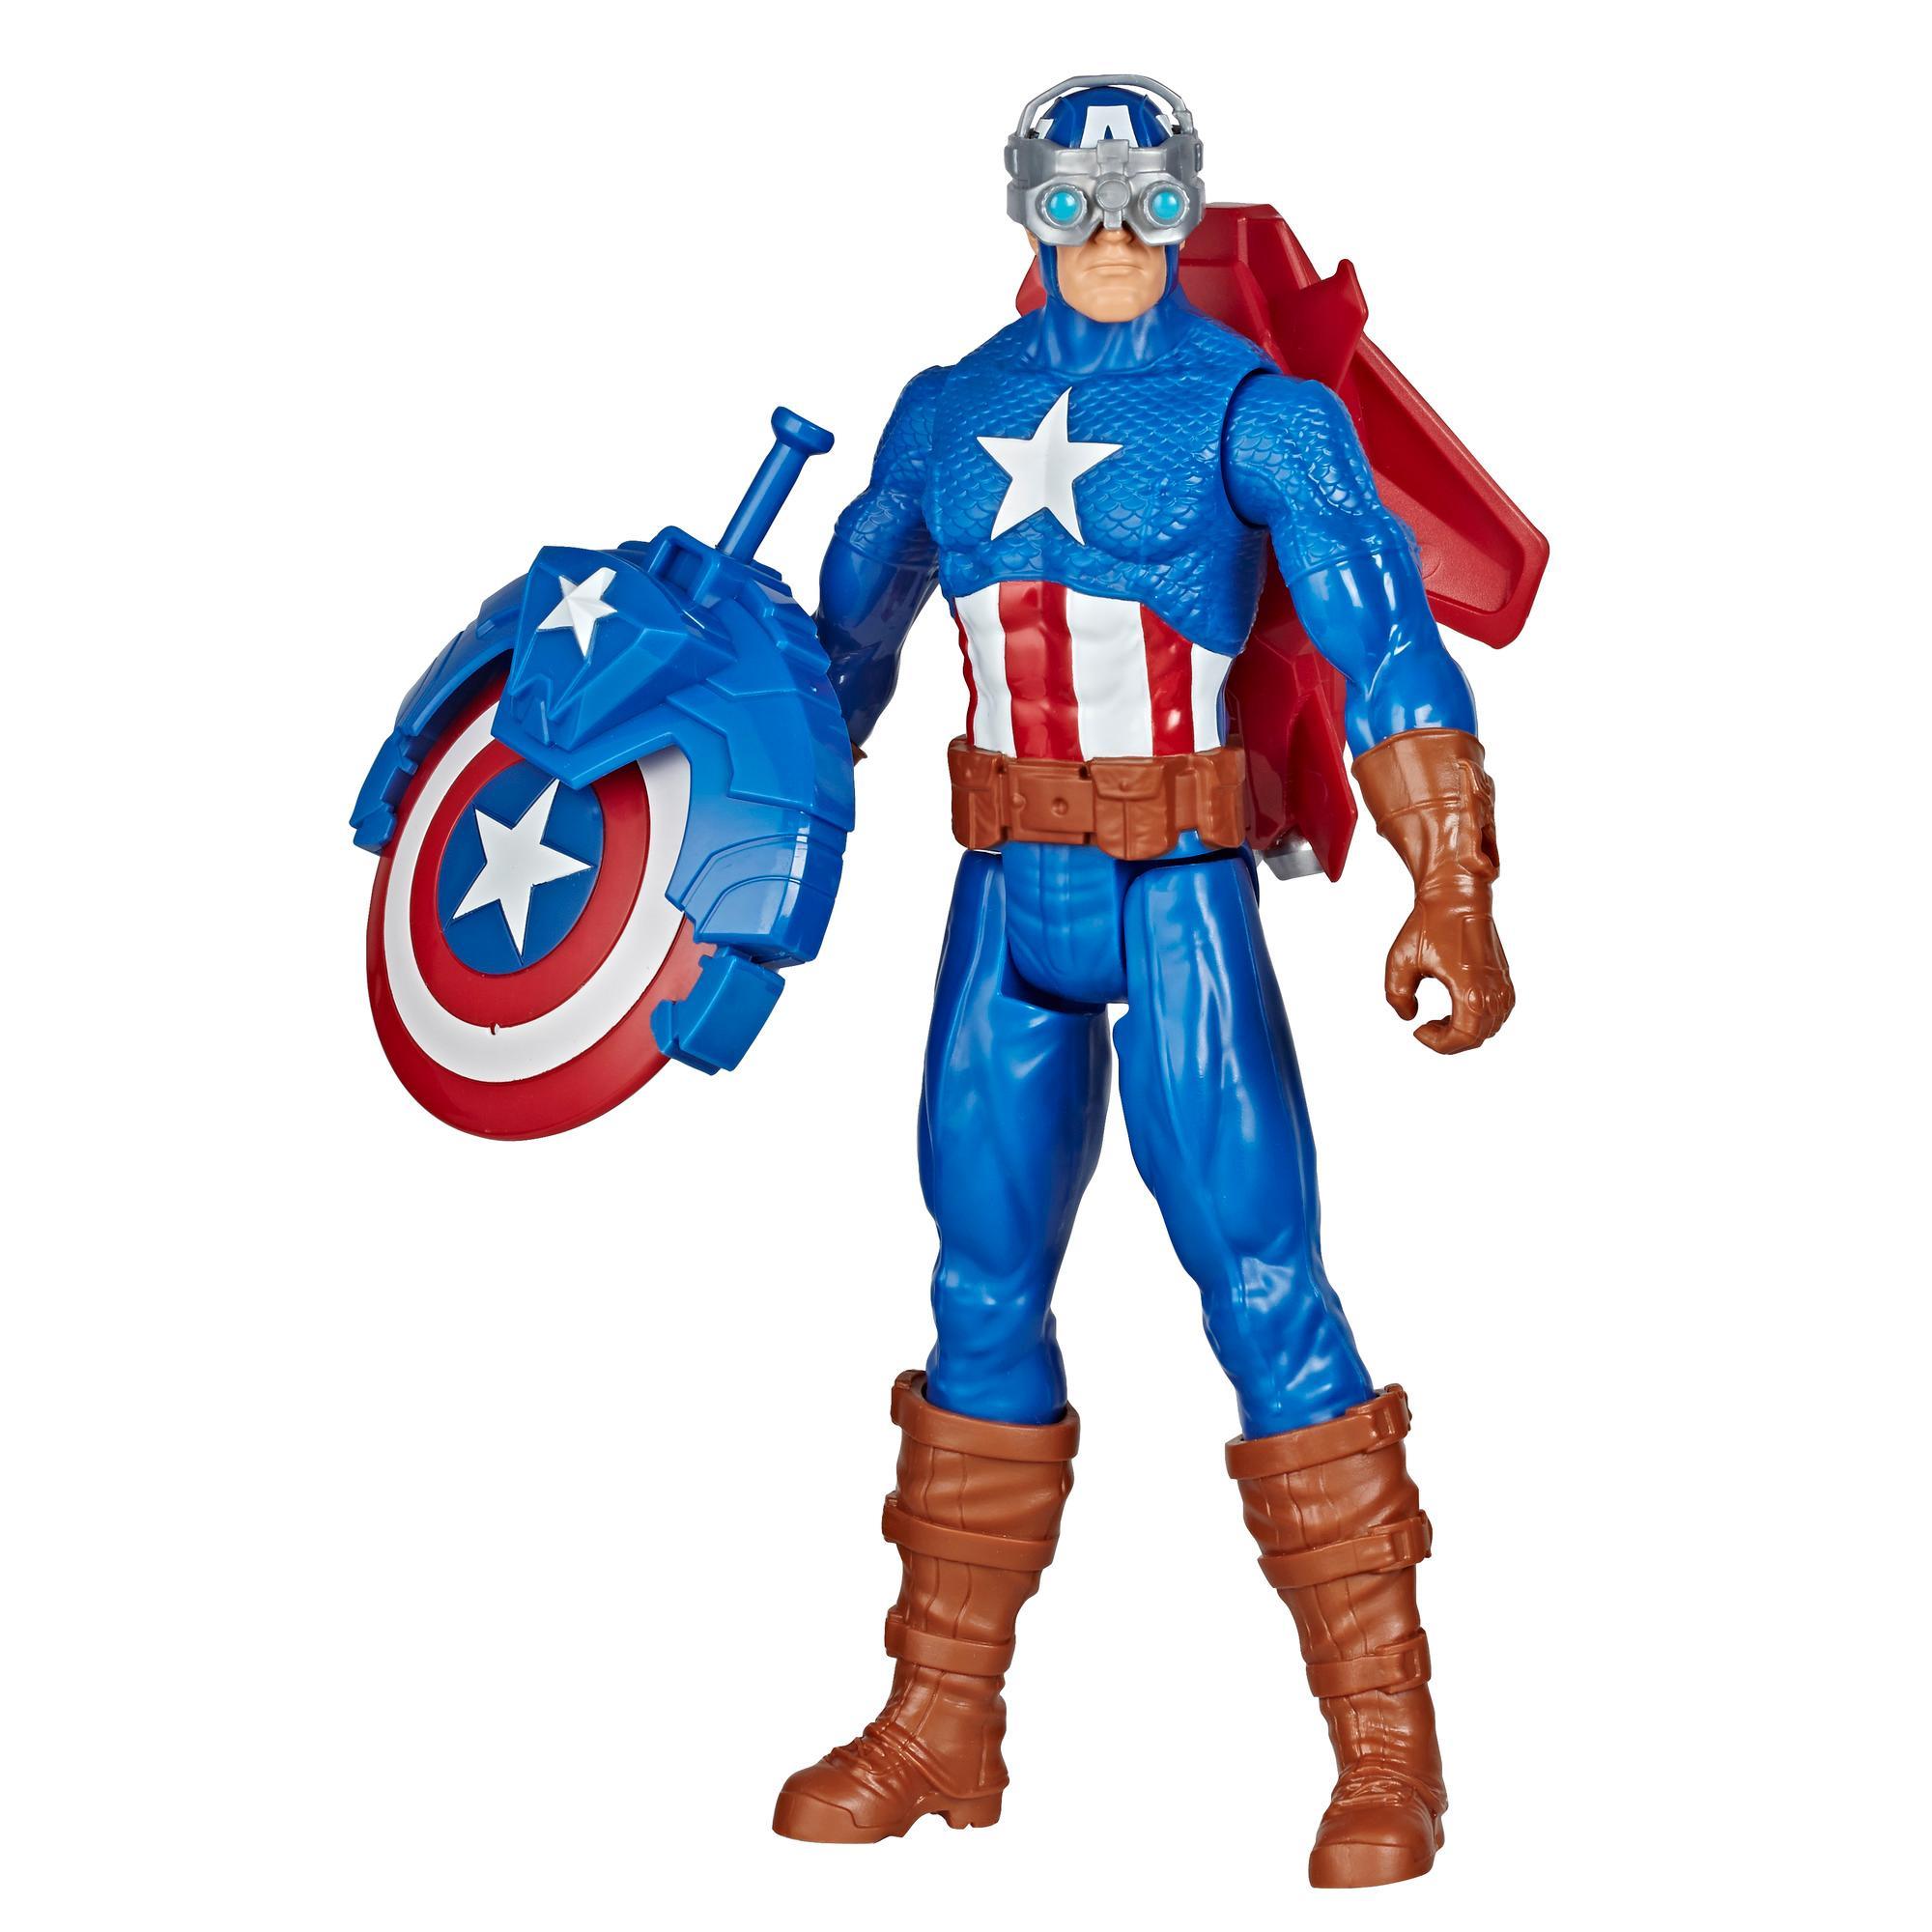 Marvel Avengers Titan Hero Series Blast Gear - Figura del Capitán América con lanzador, 2 accesorios y proyectil - Edad: 4+